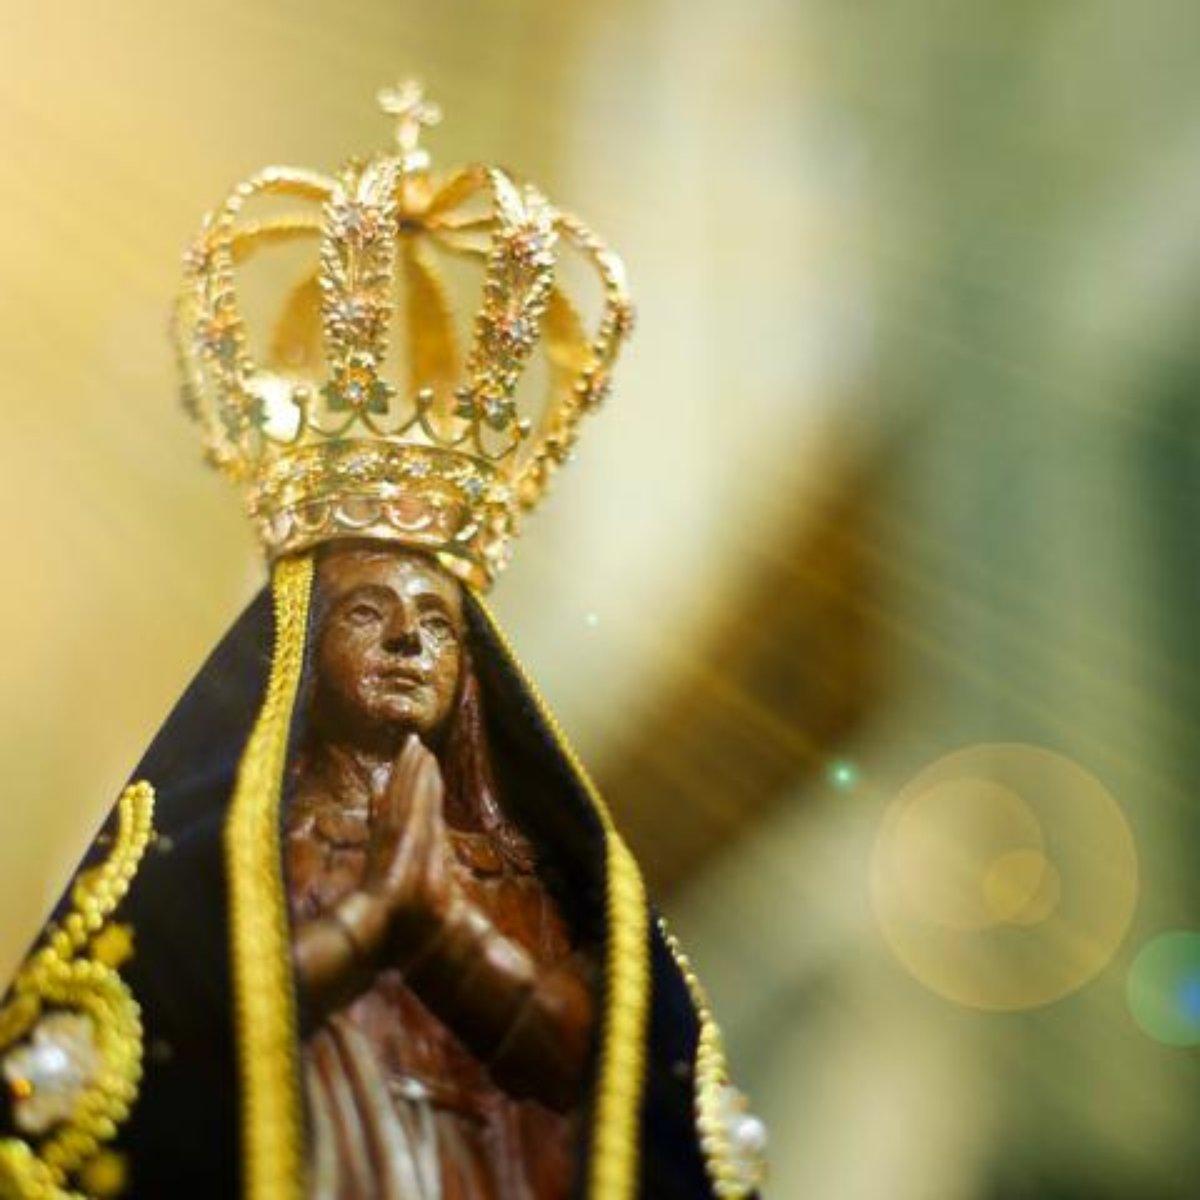 Dia de Nossa Senhora Aparecida: 5 orações para esta data